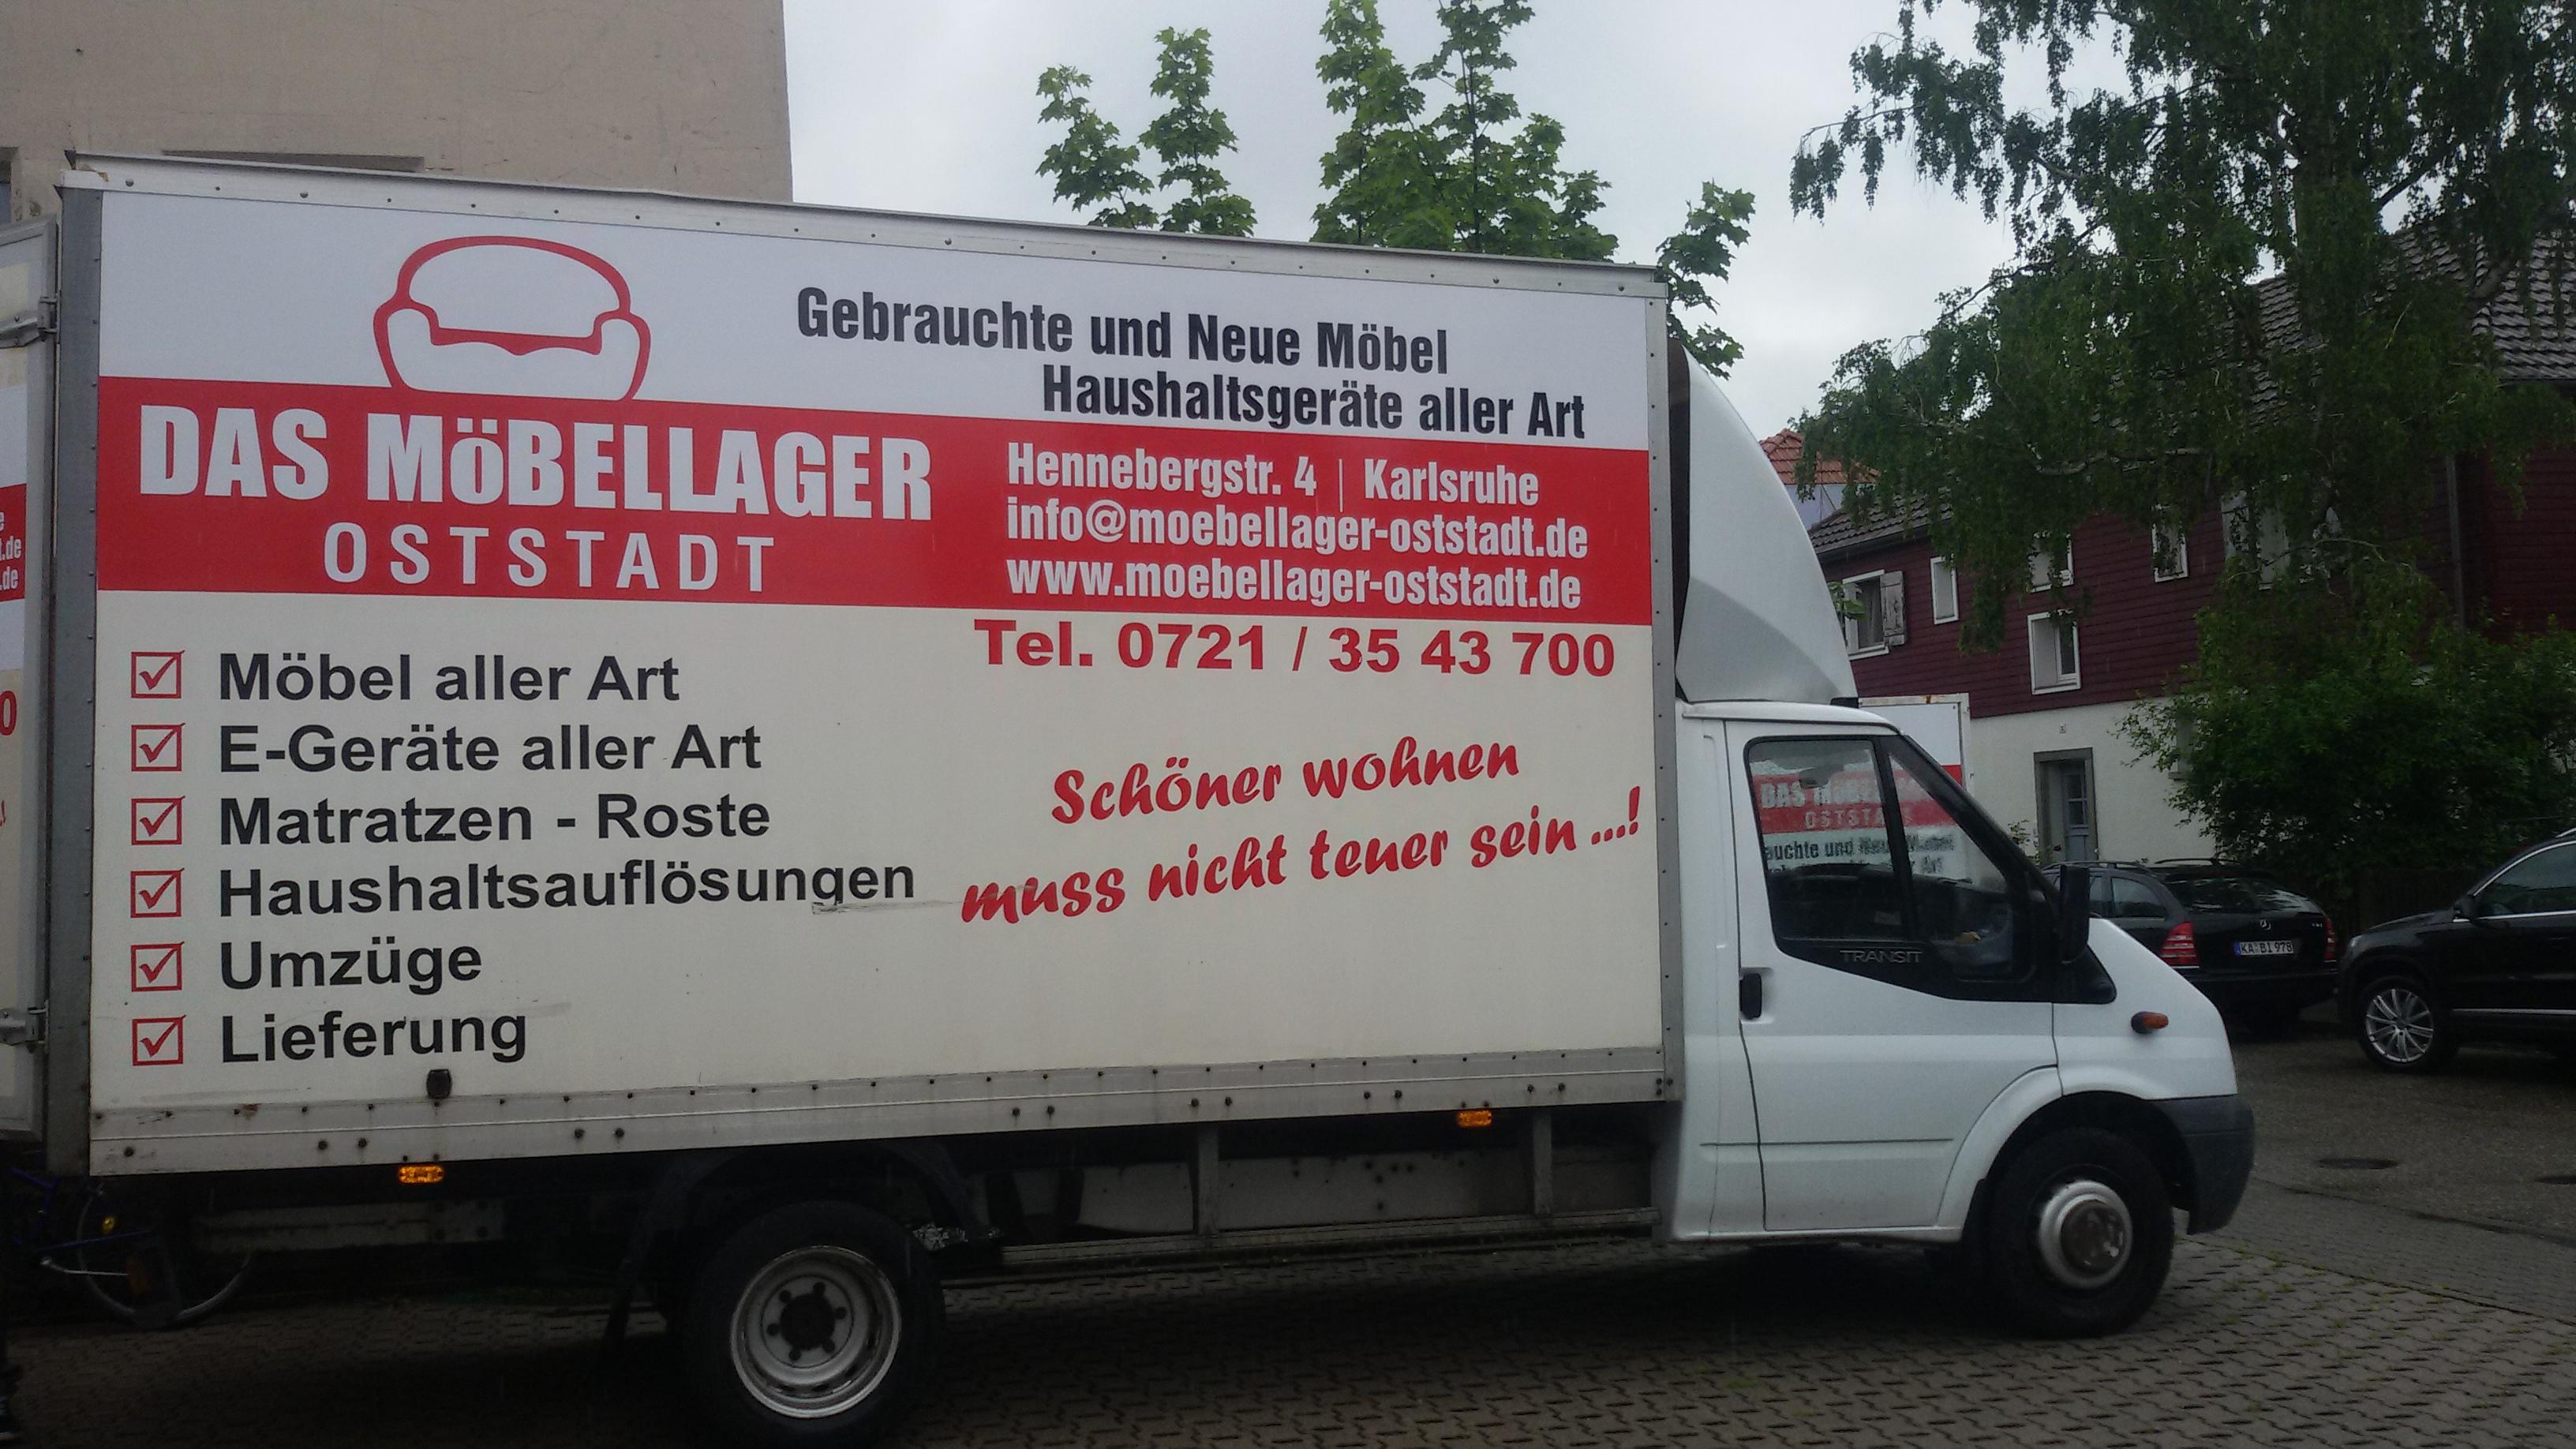 Möbel Karlsruhe das möbellager oststadt leistungen